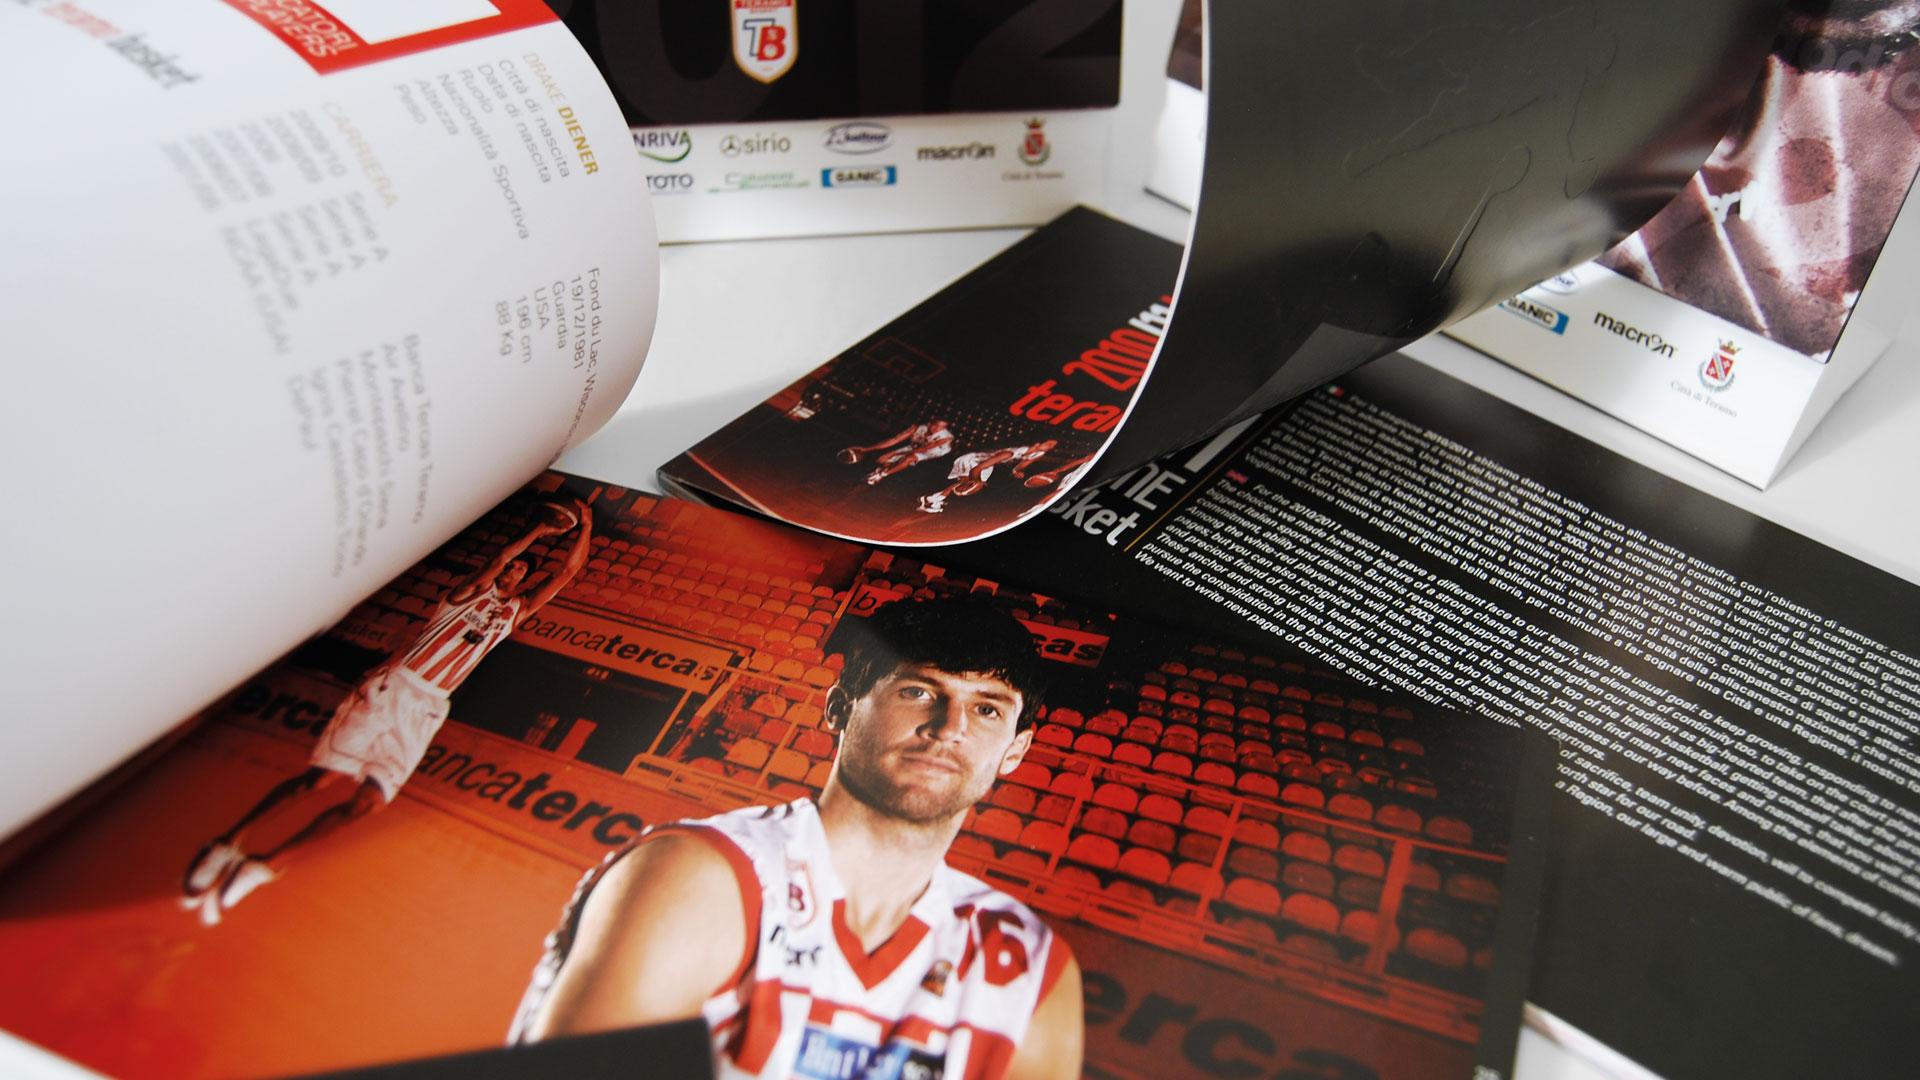 Teramo Basket, Lancio nuova stagione 2010/2011 – 2011/2012